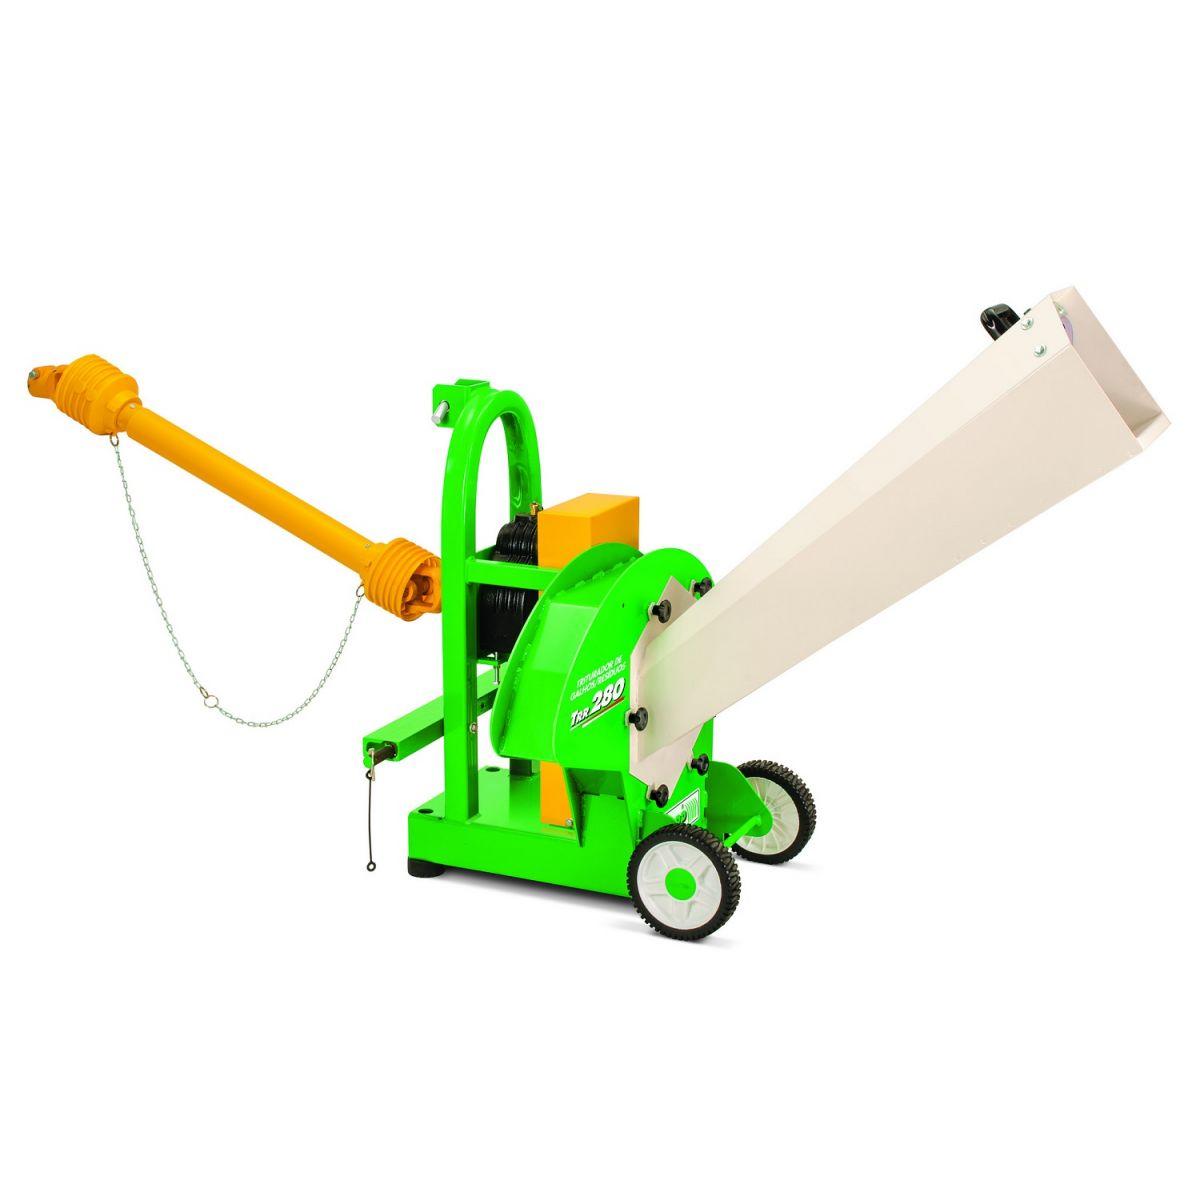 Triturador de Galhos Resíduos - TRR 280 Acopl. Trator - Trapp